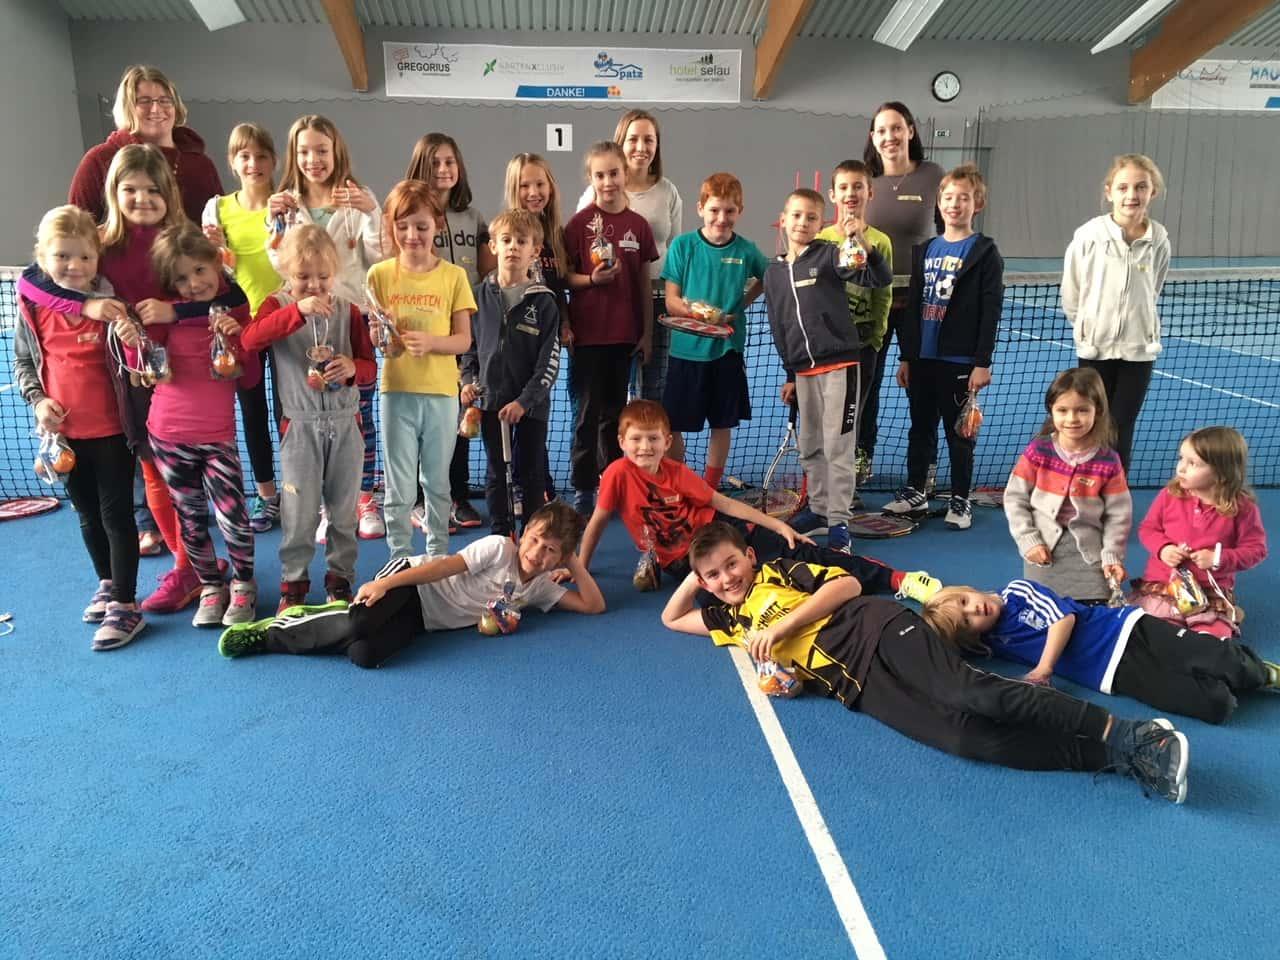 Weihnachtsspiele Weihnachtsfeier.Weihnachtsfeier Der Tcn Kinder Tcn Tennisclub Neunkirchen Am